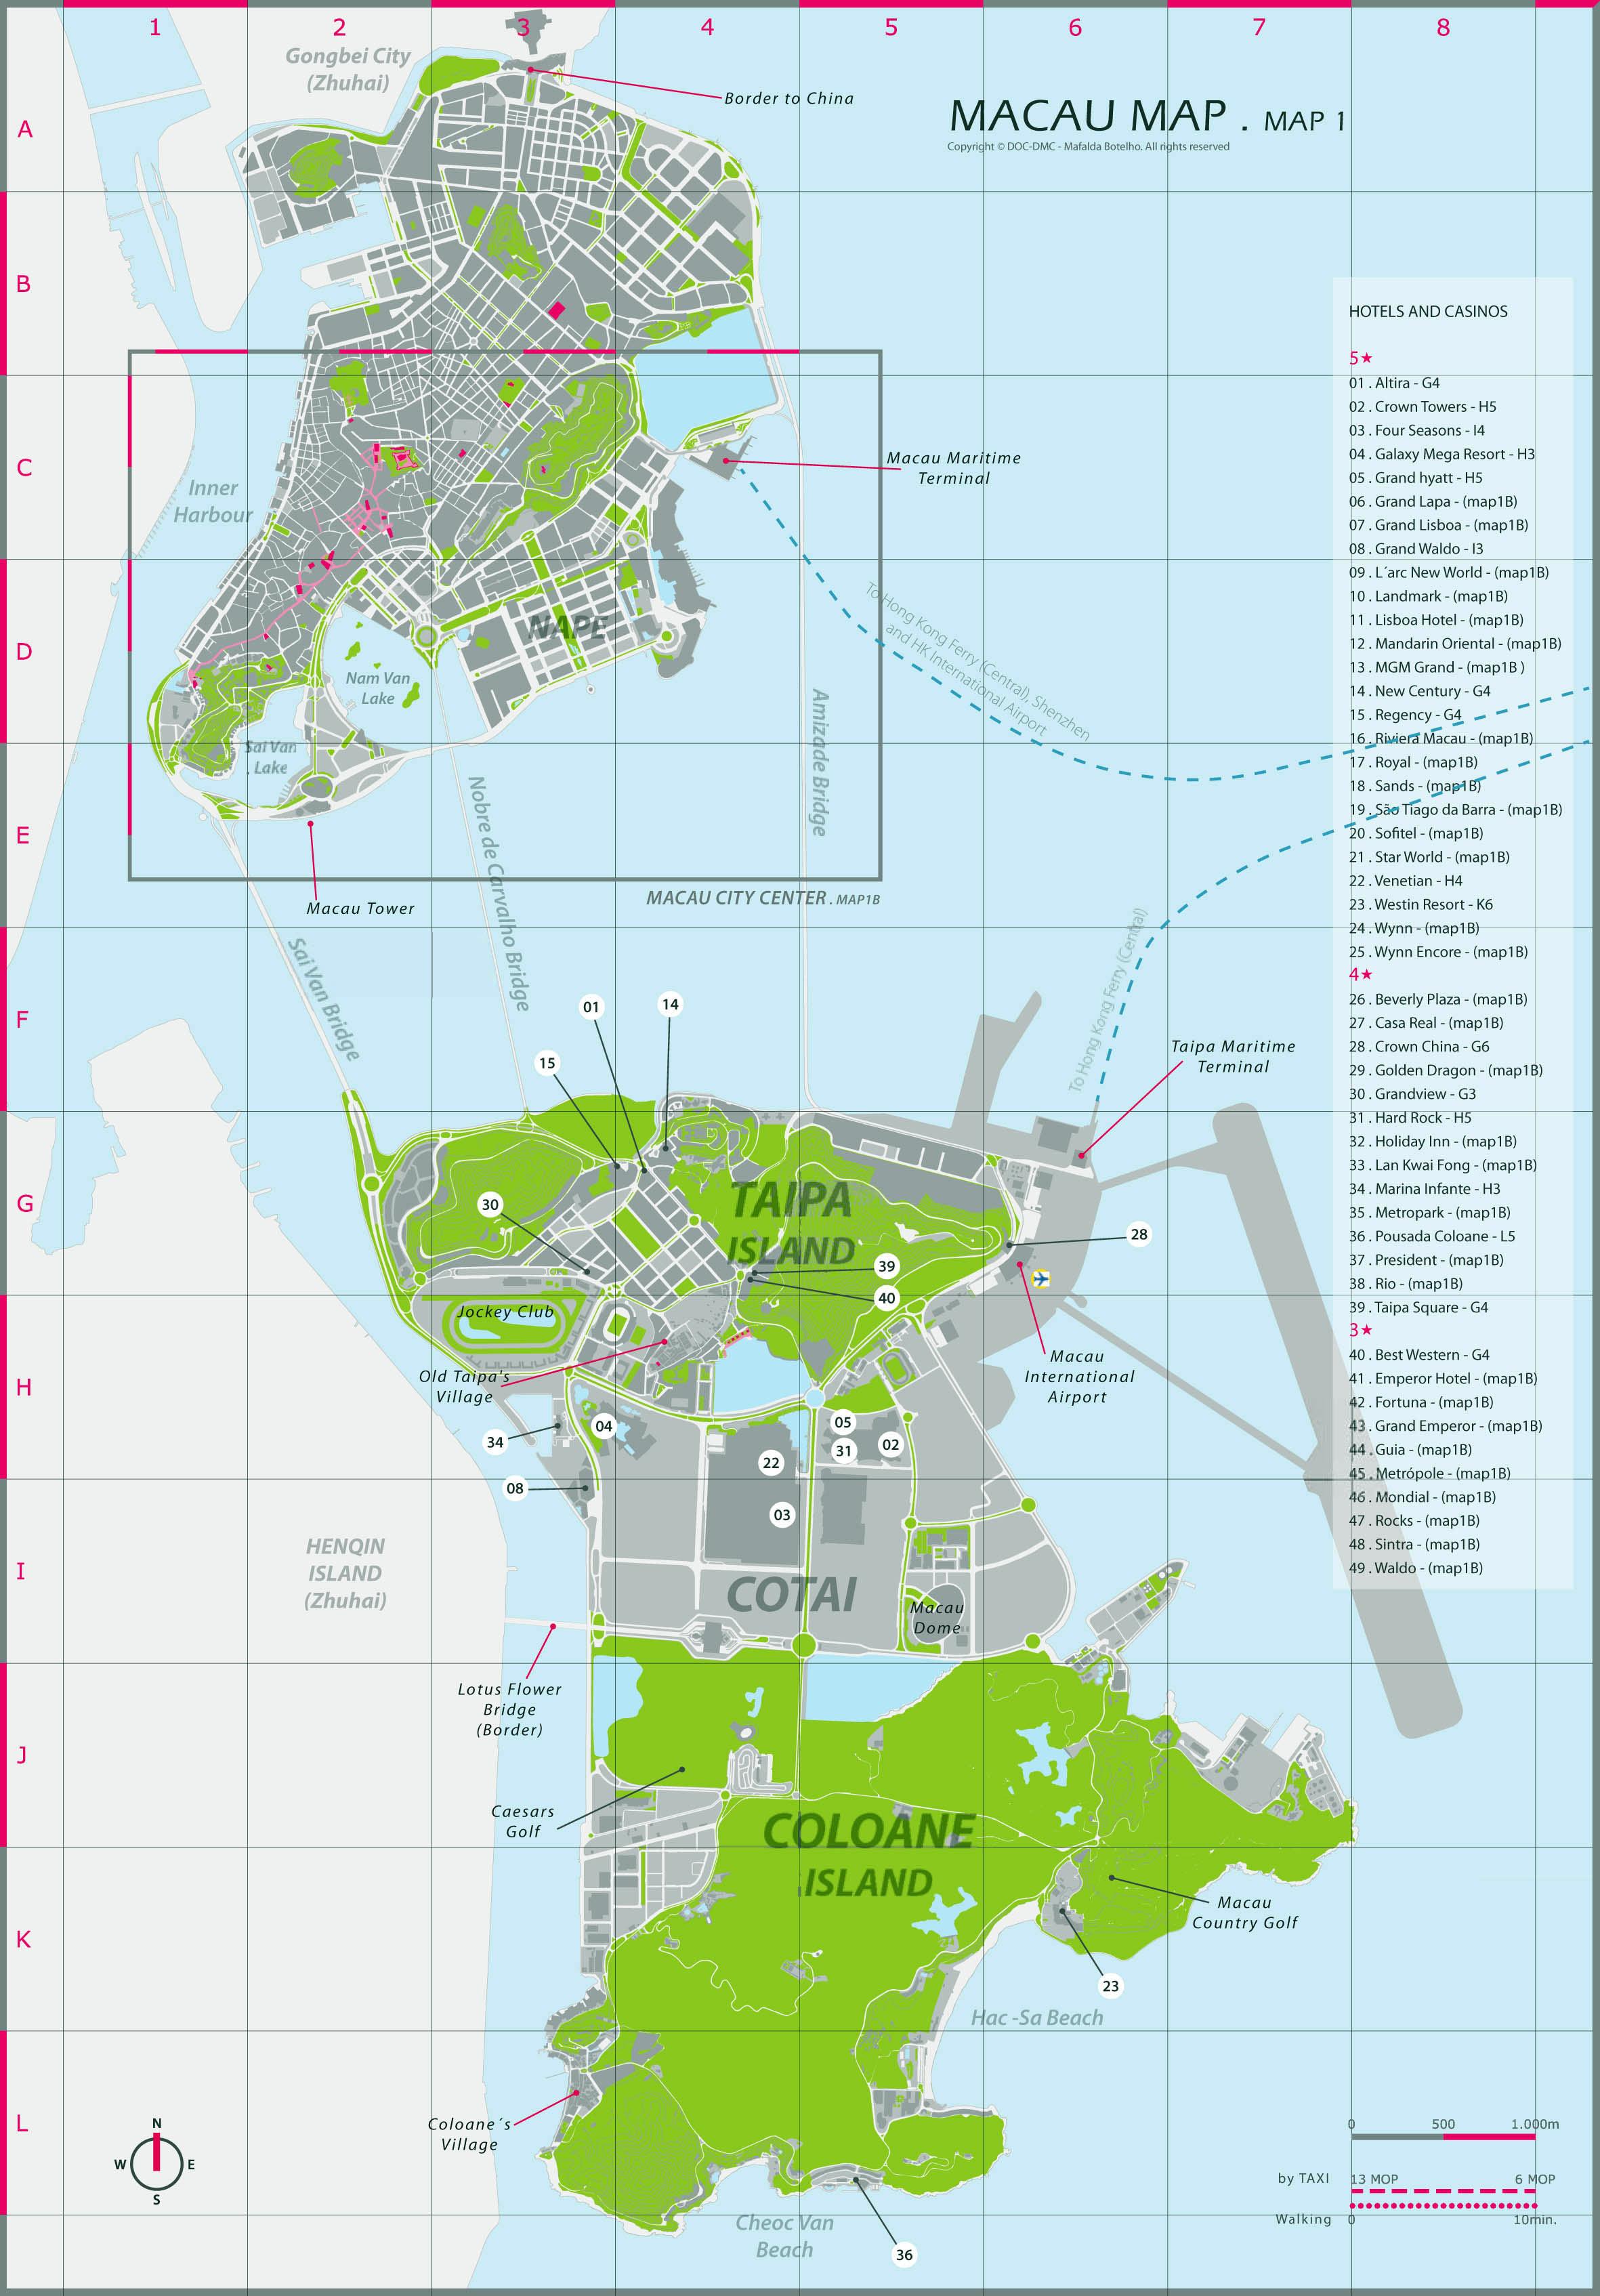 Macau Casino Map